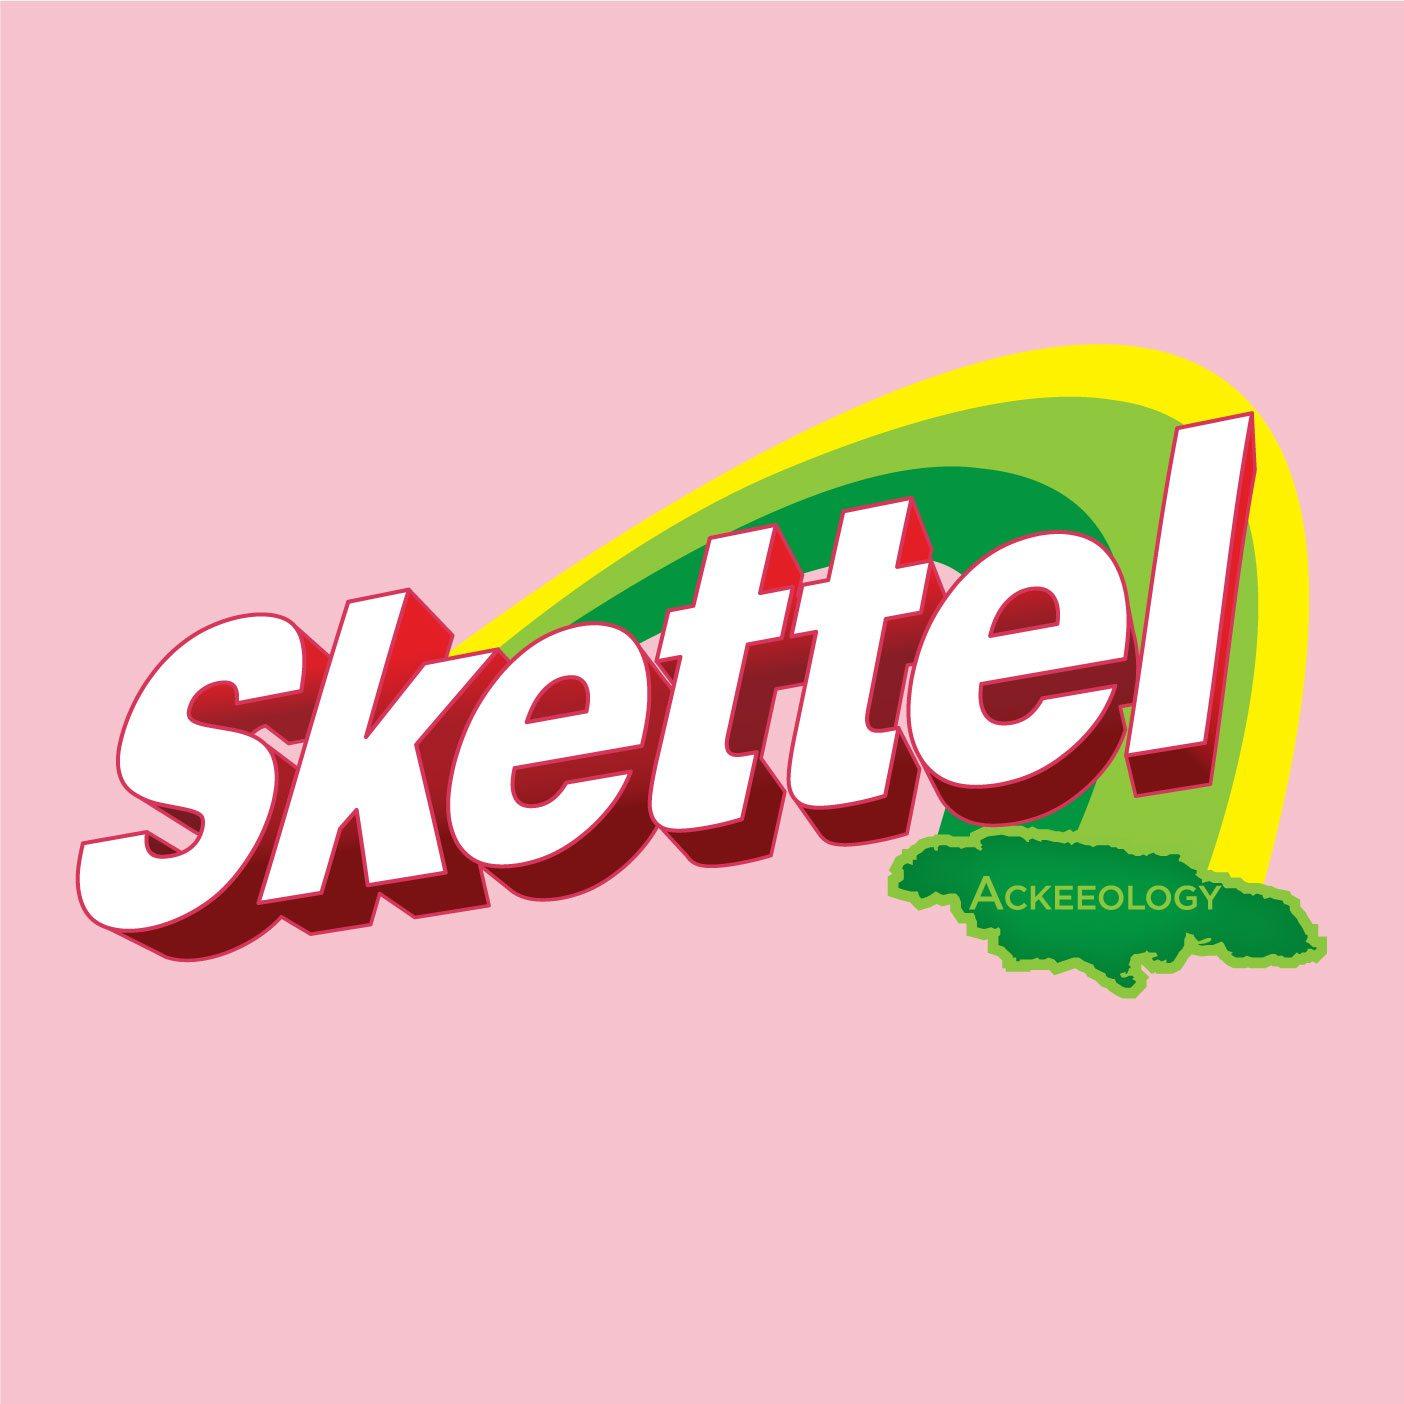 Skettel: Ackeeology